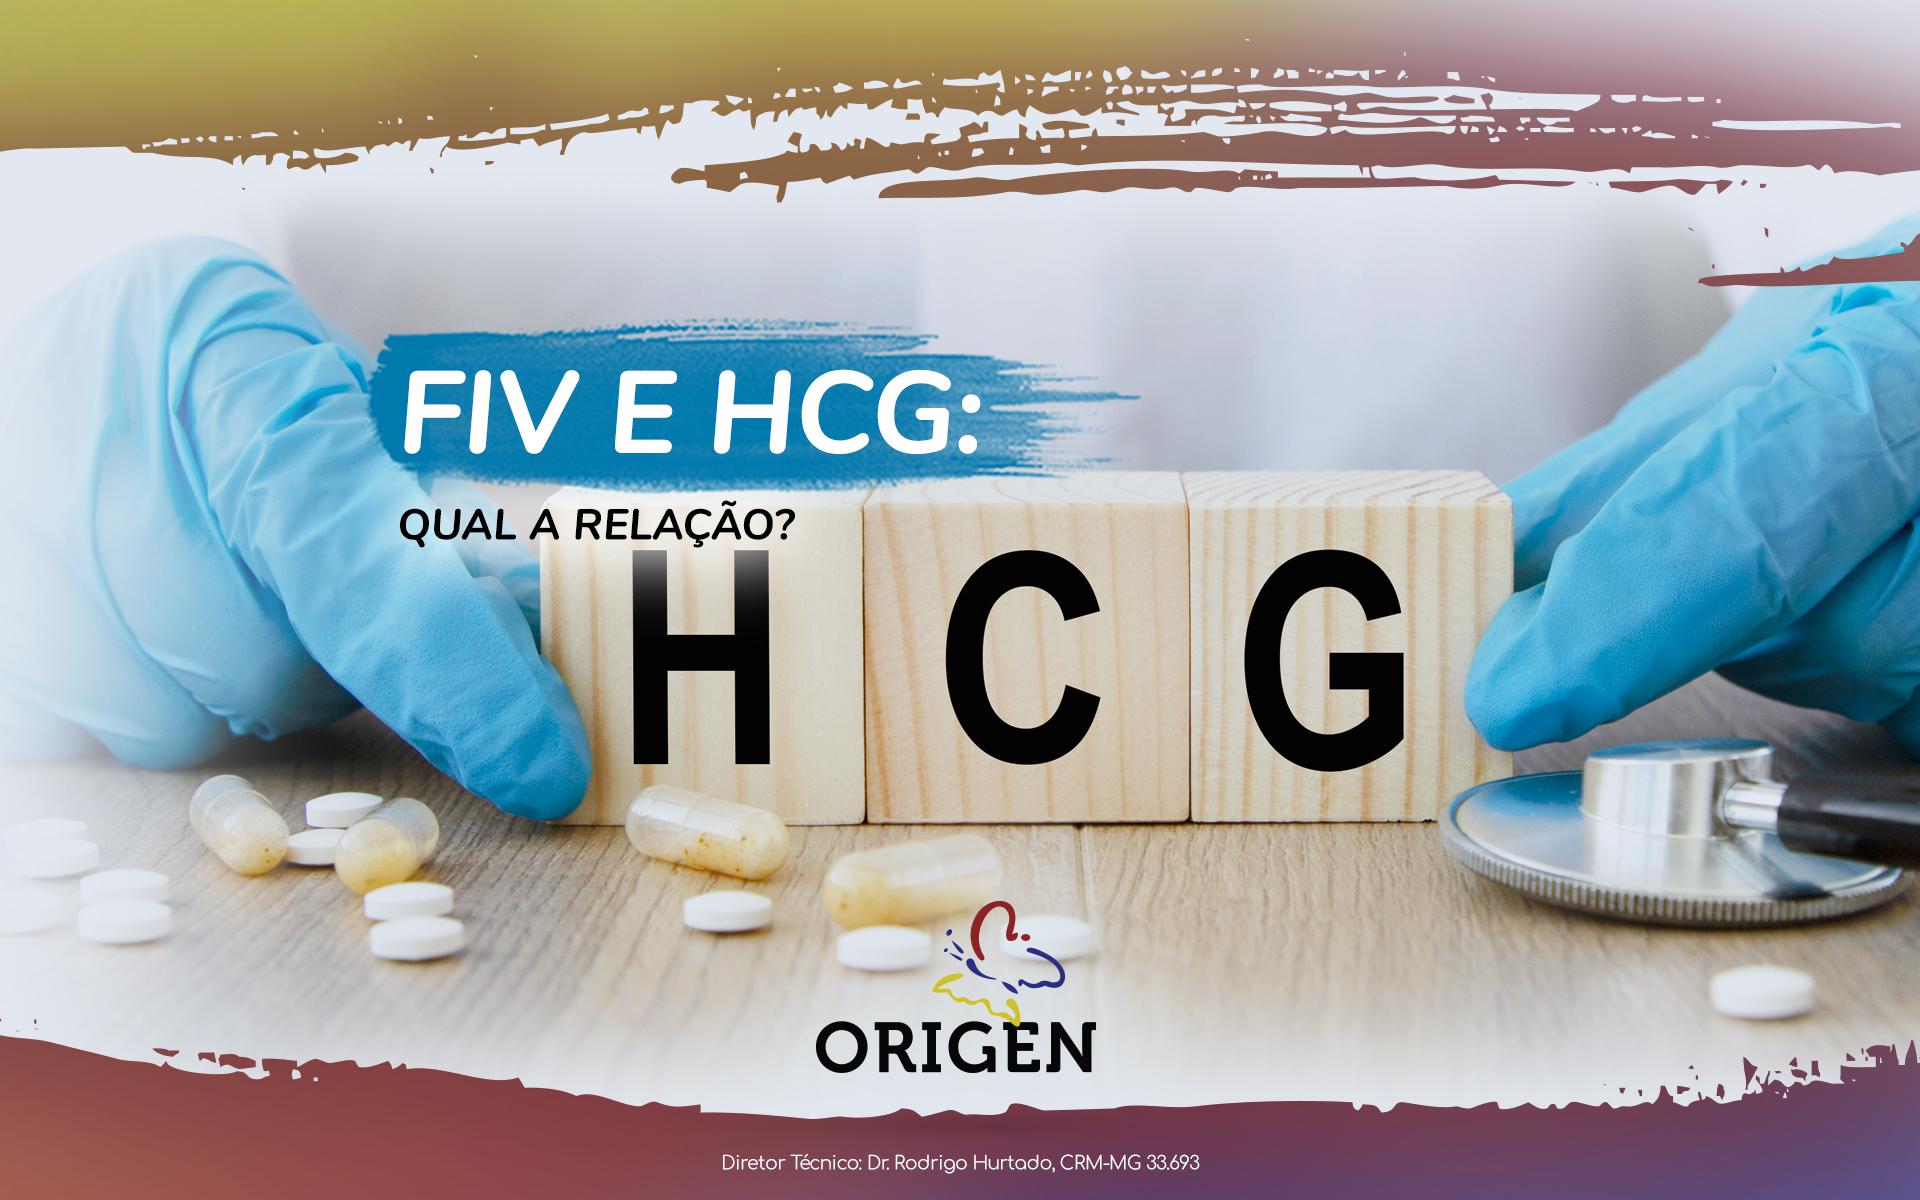 FIV e hCG: qual a relação?